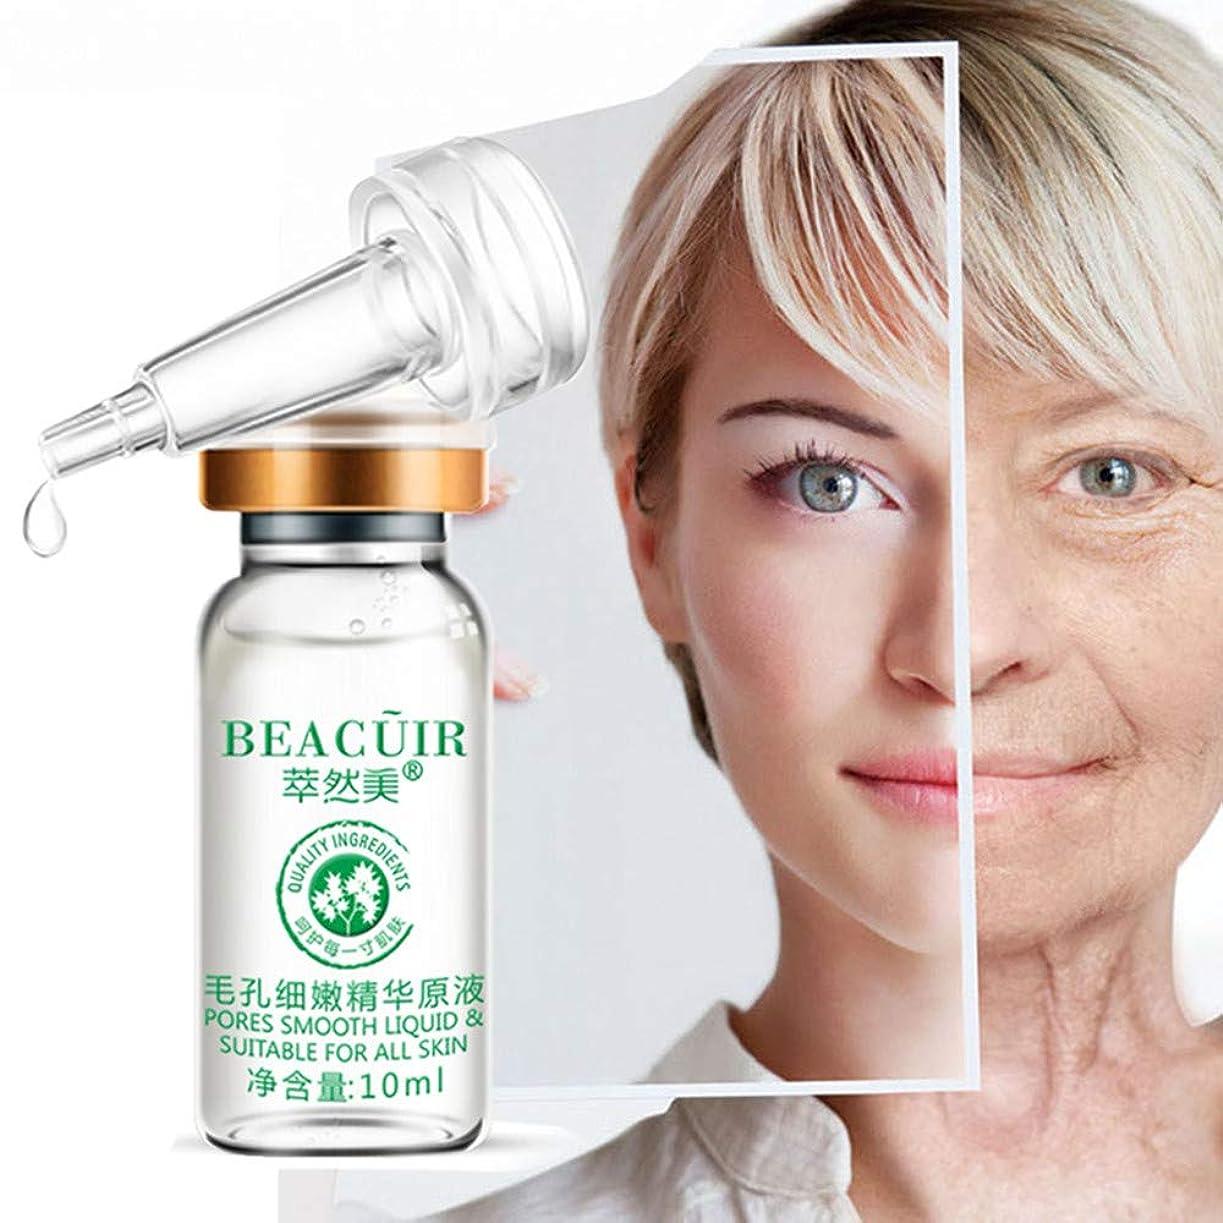 最も早い色合いゴールデンAkane BEACUIR 天然 水分 肌の明るさ 修復 美白 繊細 しわ取り 毛穴縮小 保湿 黒ずみ 角質除去 肌荒れ防止 くすんだ肌を改善し エッセンス 10ml